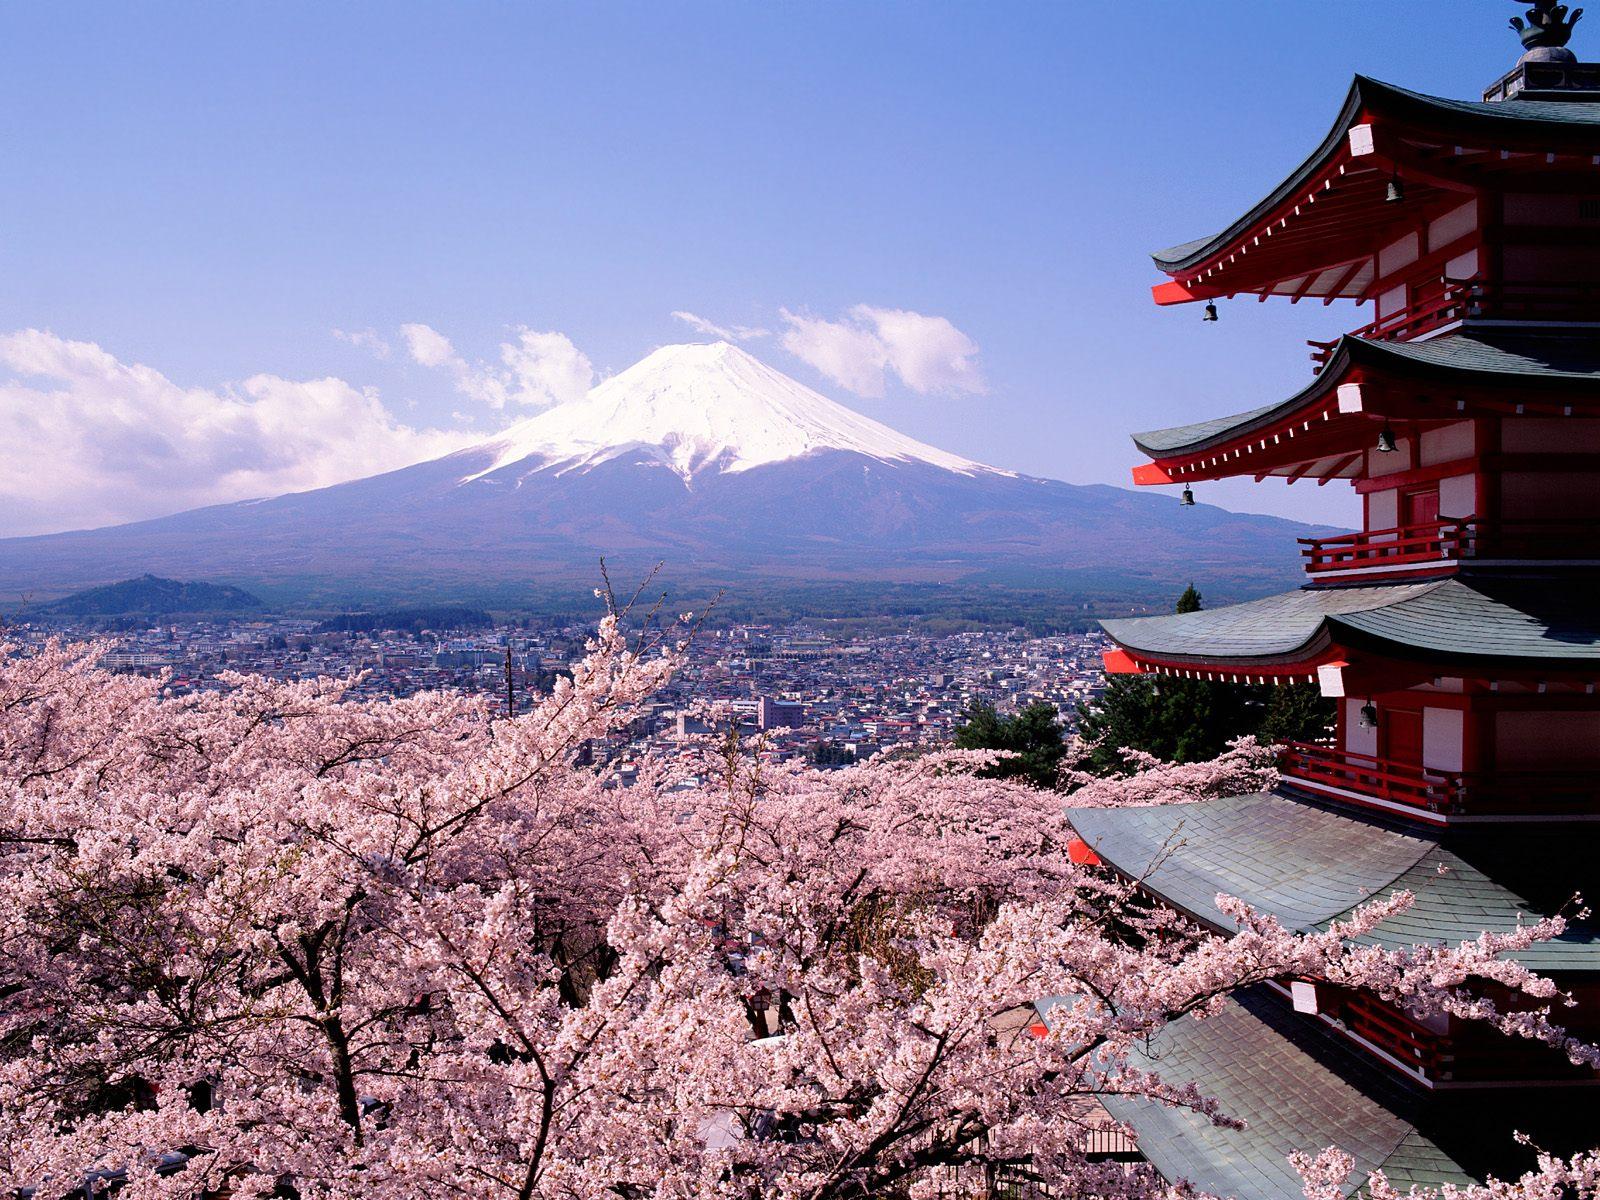 Скачать обои звезды, пейзаж, ночь, огни, здание, весна, вулкан, япония, сакура, пагода